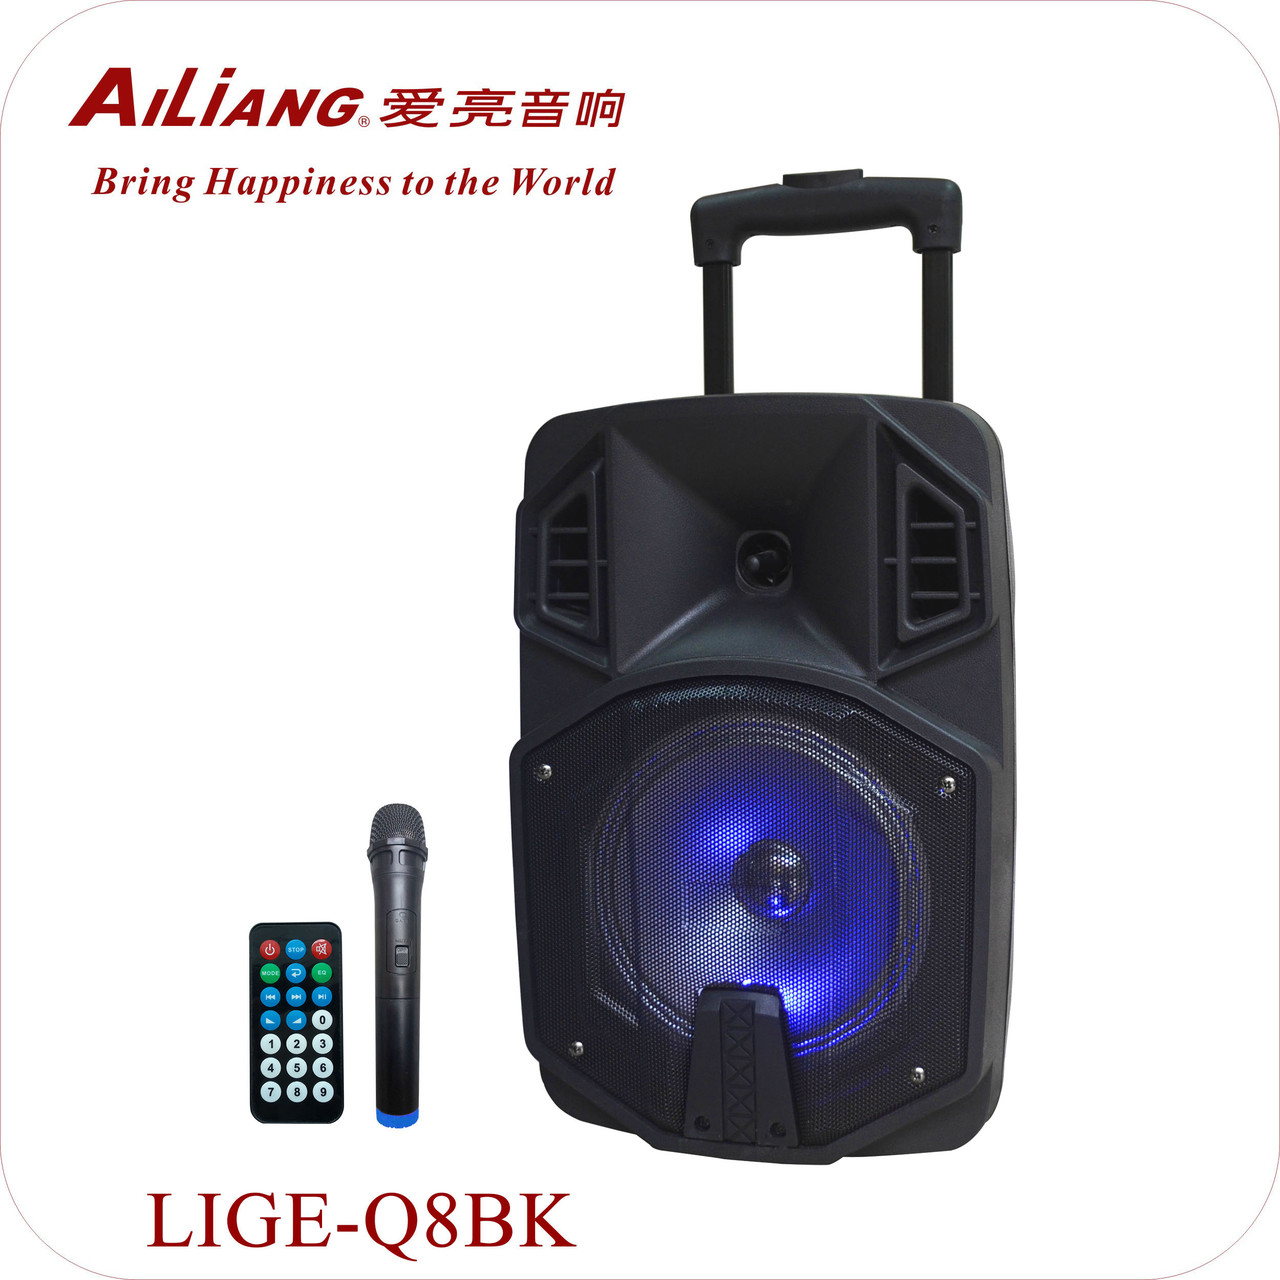 Акумуляторна портативна колонка валізу Ailiang LiGE-Q8BK, бездротова Bluetooth акустика з мікрофоном